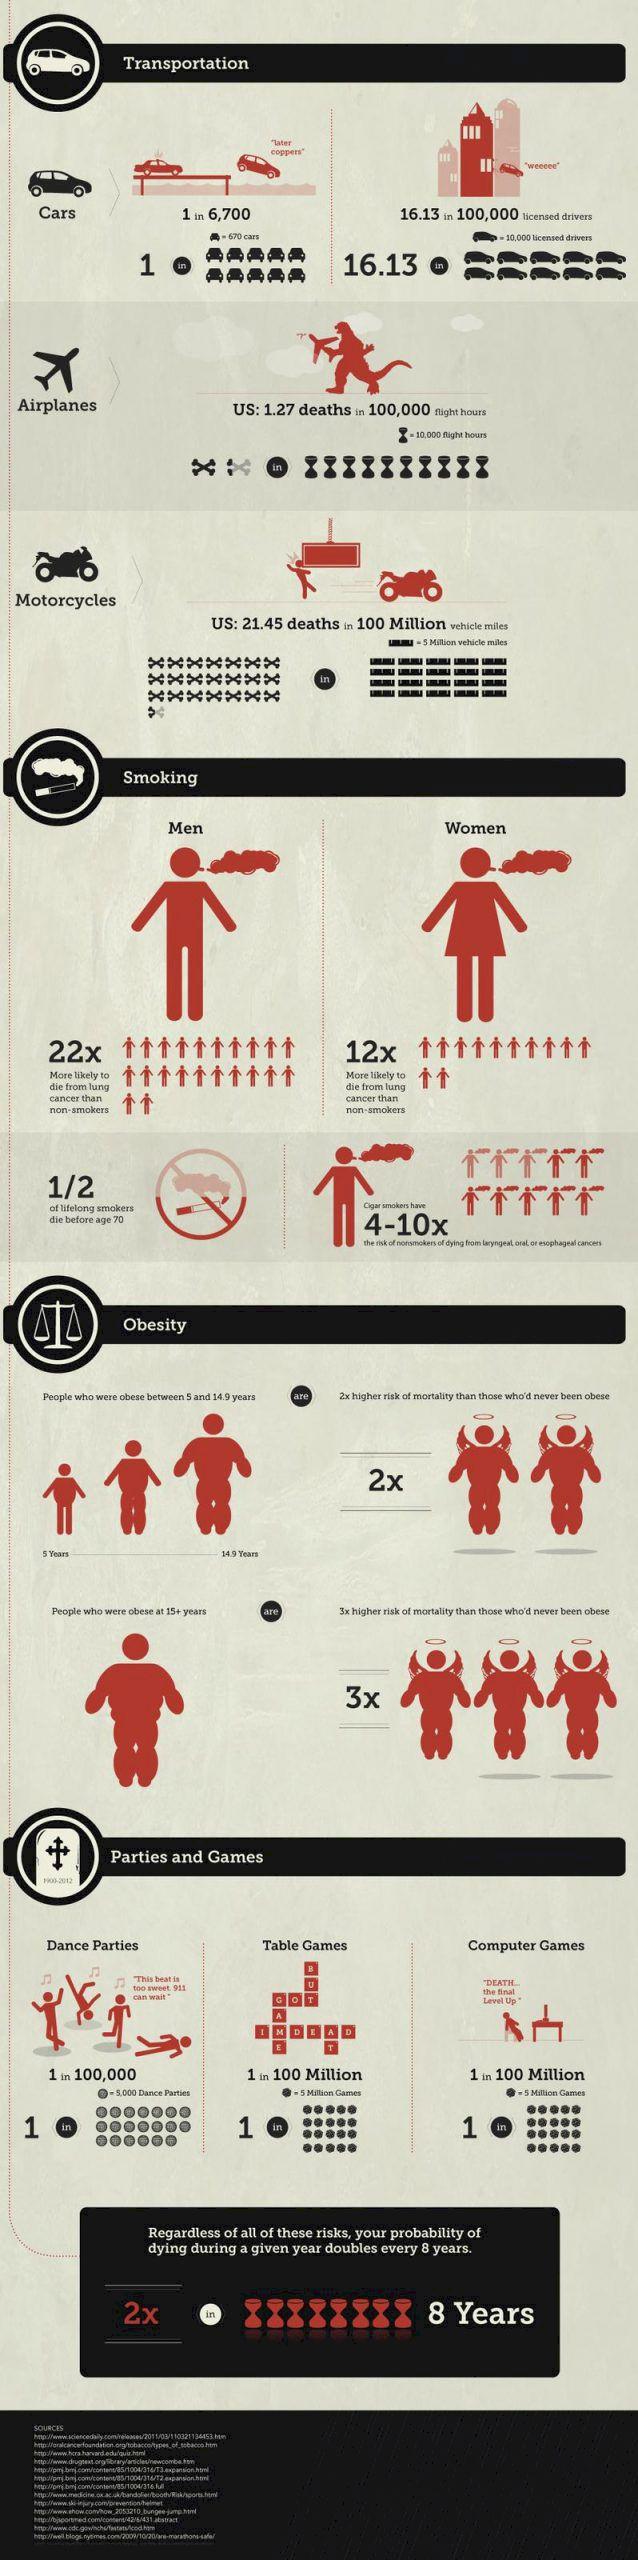 Grafik: Så dödligt är skidåkning och andra extremsporter